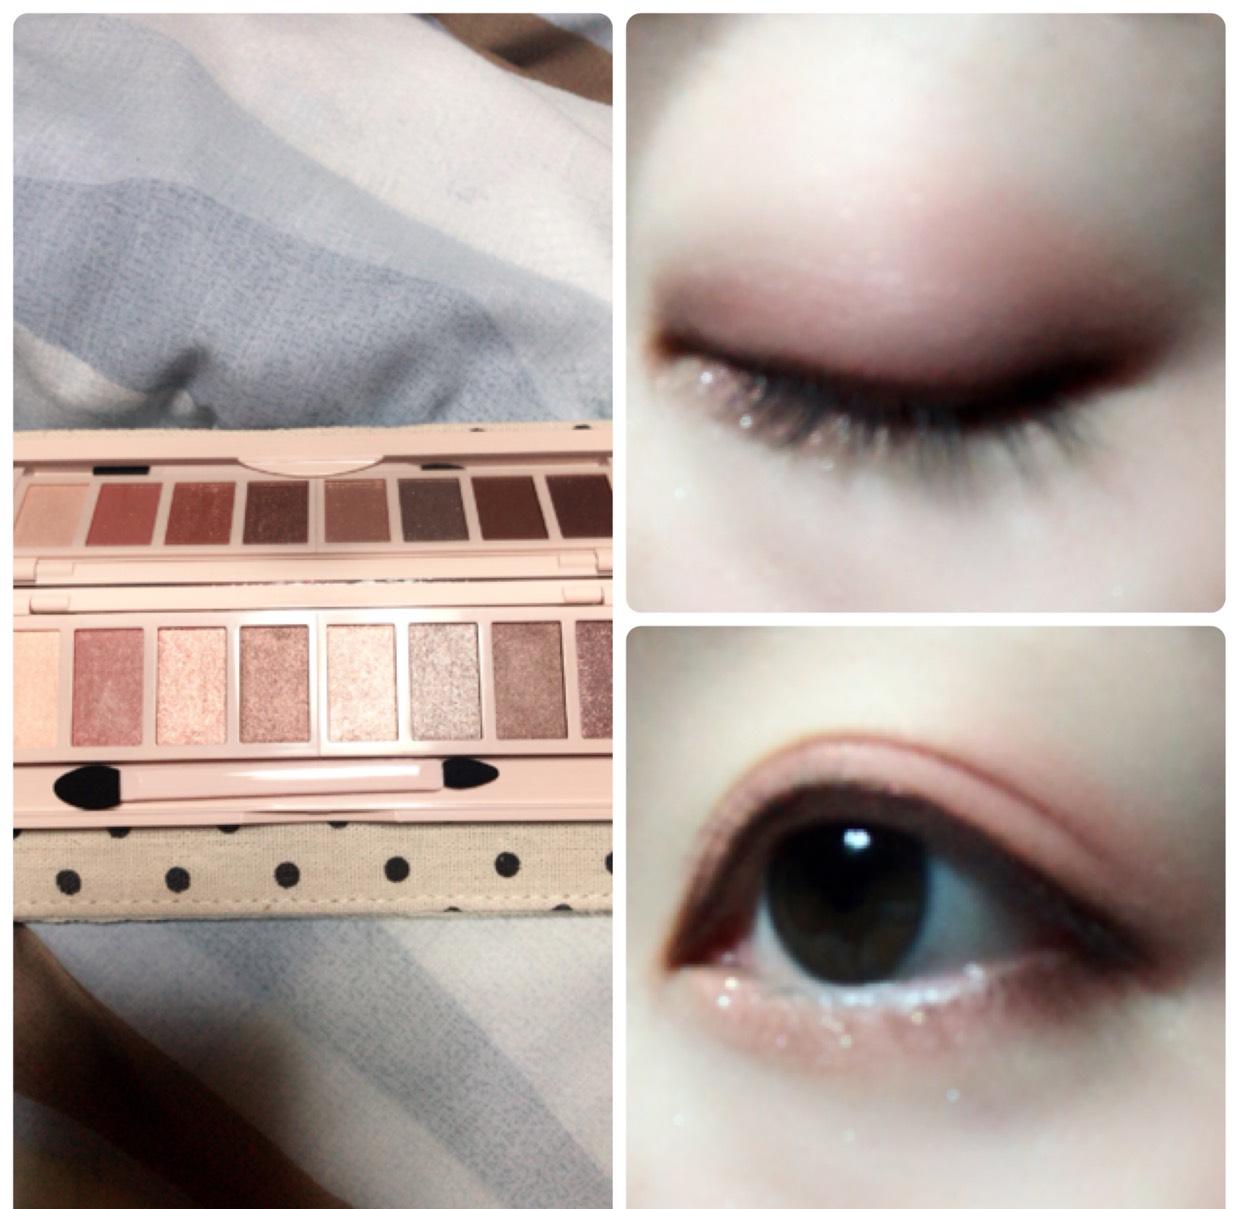 まぶた全体にハイライトカラーを塗り、二重幅と目の下にマットなスモーキーピンクを塗ります。 目の際には濃いめブラウンを細いチップに取り、ラインを引きます。